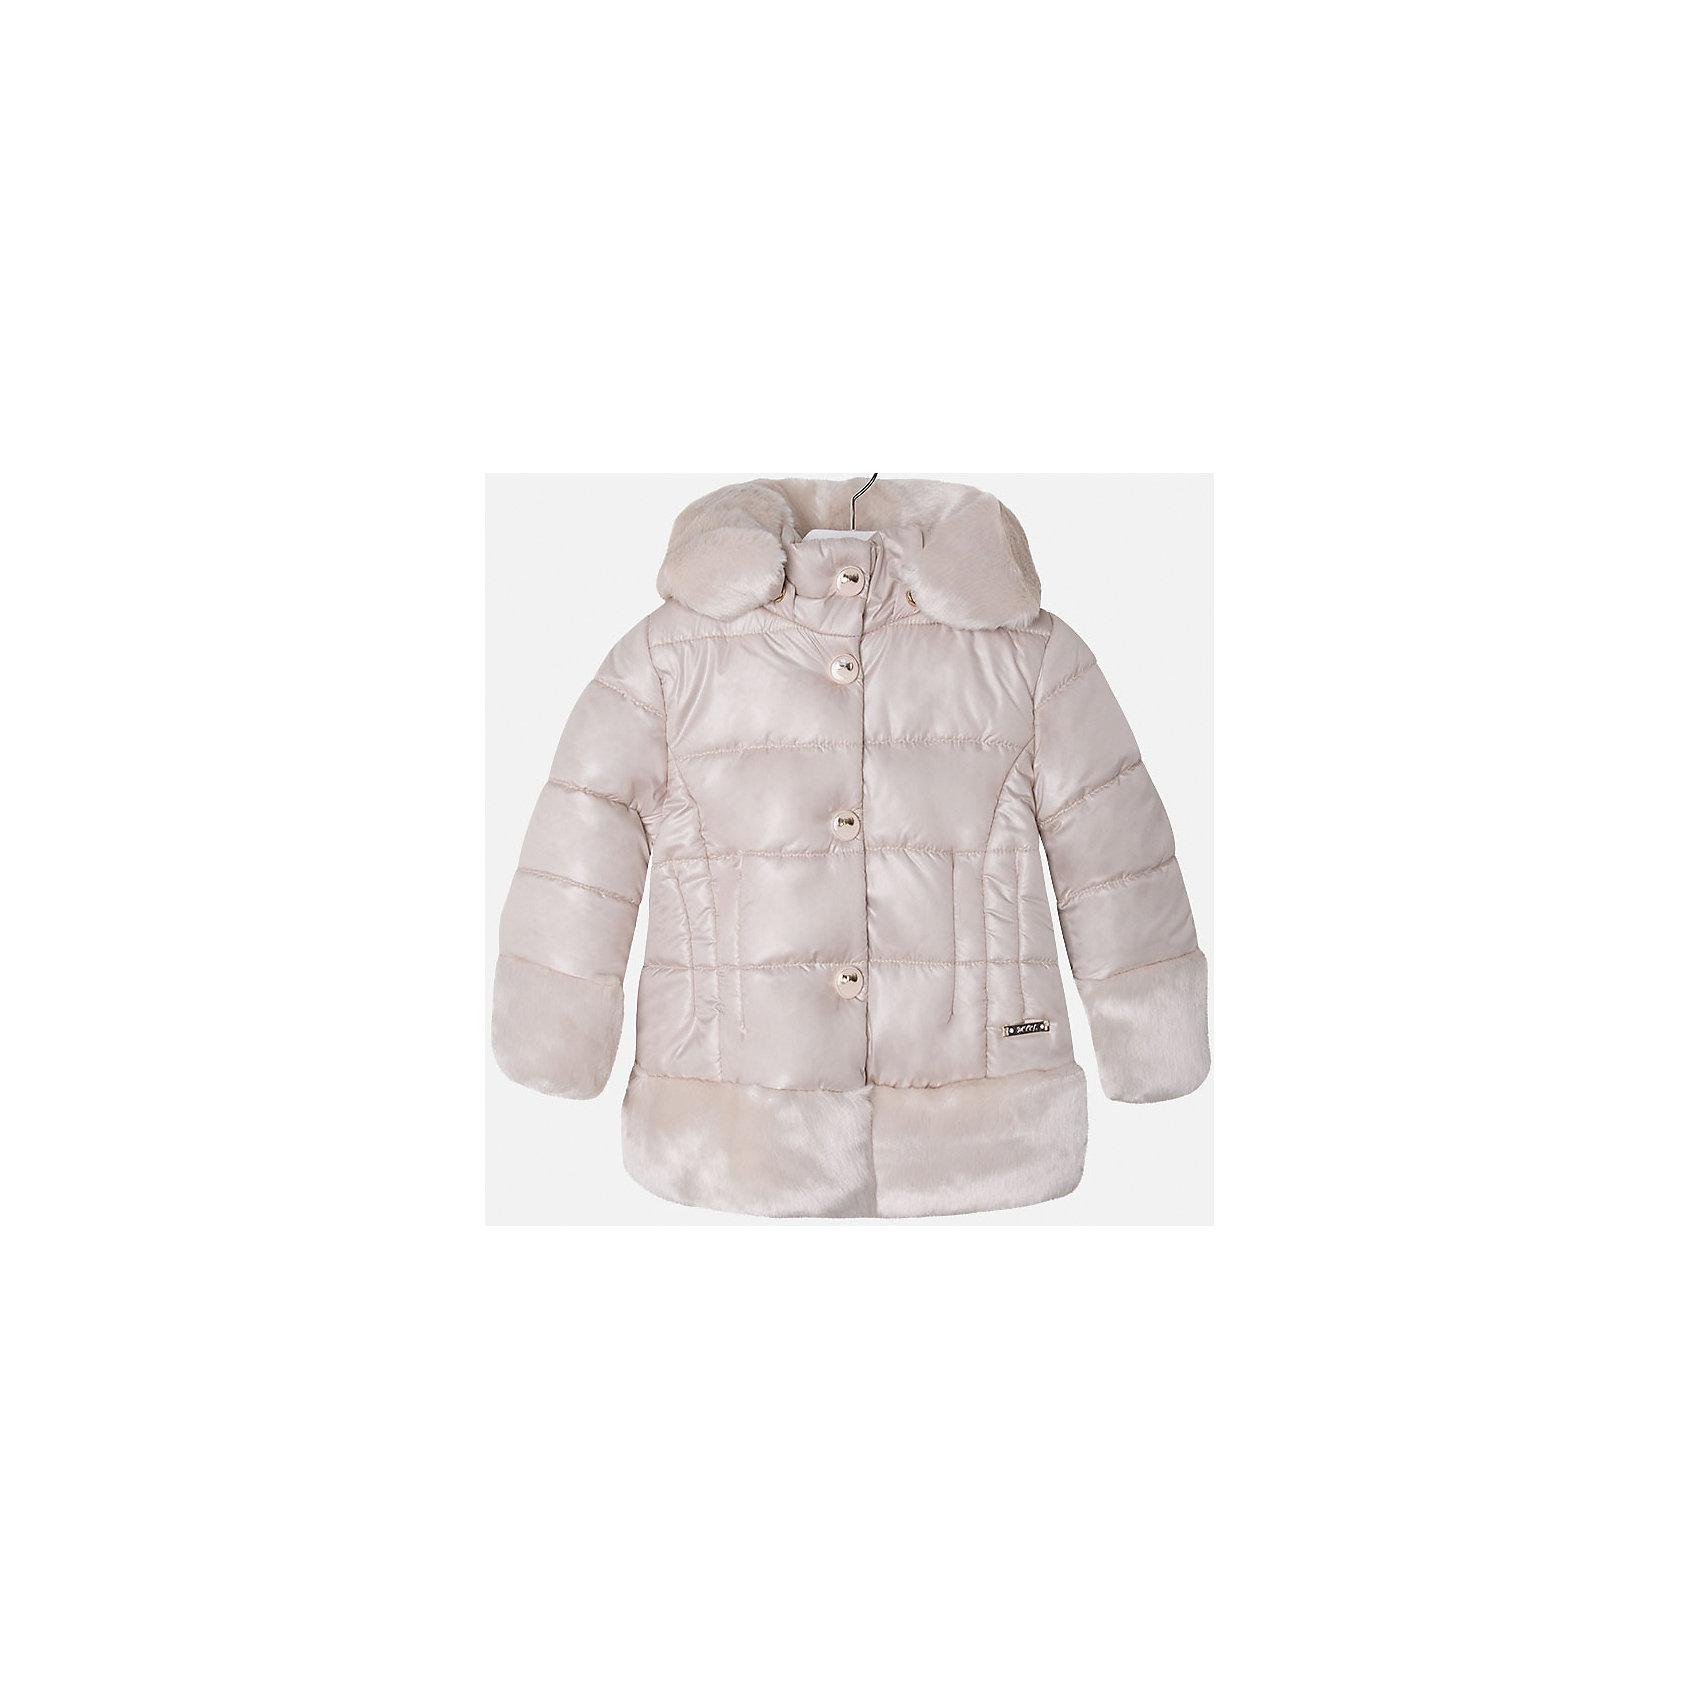 Куртка для девочки MayoralВерхняя одежда<br>Куртка для девочки из коллекции осень-зима 2016-2017 известного испанского бренда Mayoral (Майорал). Удобная и красивая отднотонная куртка без рисунка. Приятный жемчужный цвет в сочетании с плюшевыми манжетами, низом куртки и каймой капюшона придутся по вкусу вашей моднице. Плащевая ткань основной части куртки непромокаемая и не пропускает ветер. Куртка отлично подойдет как к юбкам и брюкам, так и к джинсам. Застегивается на молнию и кнопки. Куртка имеет качественный крой и маленькую пластинку с наименованием бренда на лицевой стороне спереди.<br><br>Дополнительная информация:<br>- Длина: удлиненная <br>- Силуэт: прямой <br>- Утеплитель: синтепон, плотность 120 г/кв.м<br>Состав: 100 % полиэстер<br><br>Куртку для девочки Mayoral (Майорал) можно купить в нашем интернет-магазине.<br><br>Подробнее:<br>• Для детей в возрасте: от 8 до 14 лет<br>• Номер товара: 4843787 <br>Страна производитель: Китай<br><br>Ширина мм: 356<br>Глубина мм: 10<br>Высота мм: 245<br>Вес г: 519<br>Цвет: желтый<br>Возраст от месяцев: 36<br>Возраст до месяцев: 48<br>Пол: Женский<br>Возраст: Детский<br>Размер: 104,110,134,116,128,122,98<br>SKU: 4843786